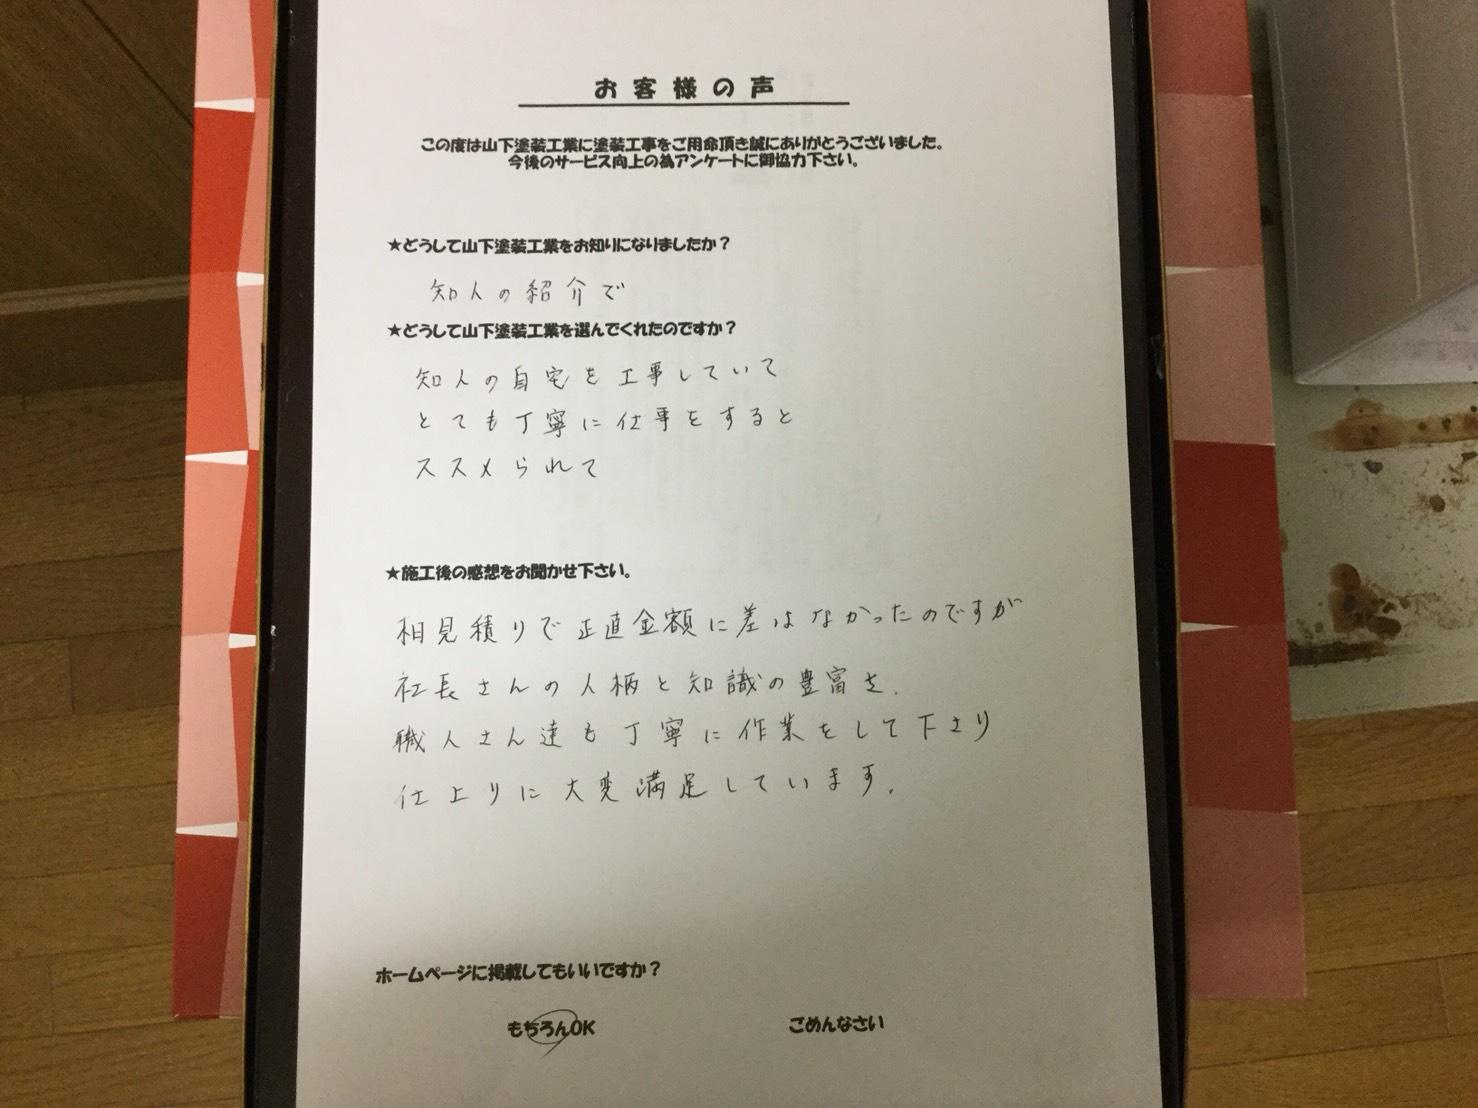 横浜市港北区のS様の声を頂きました!